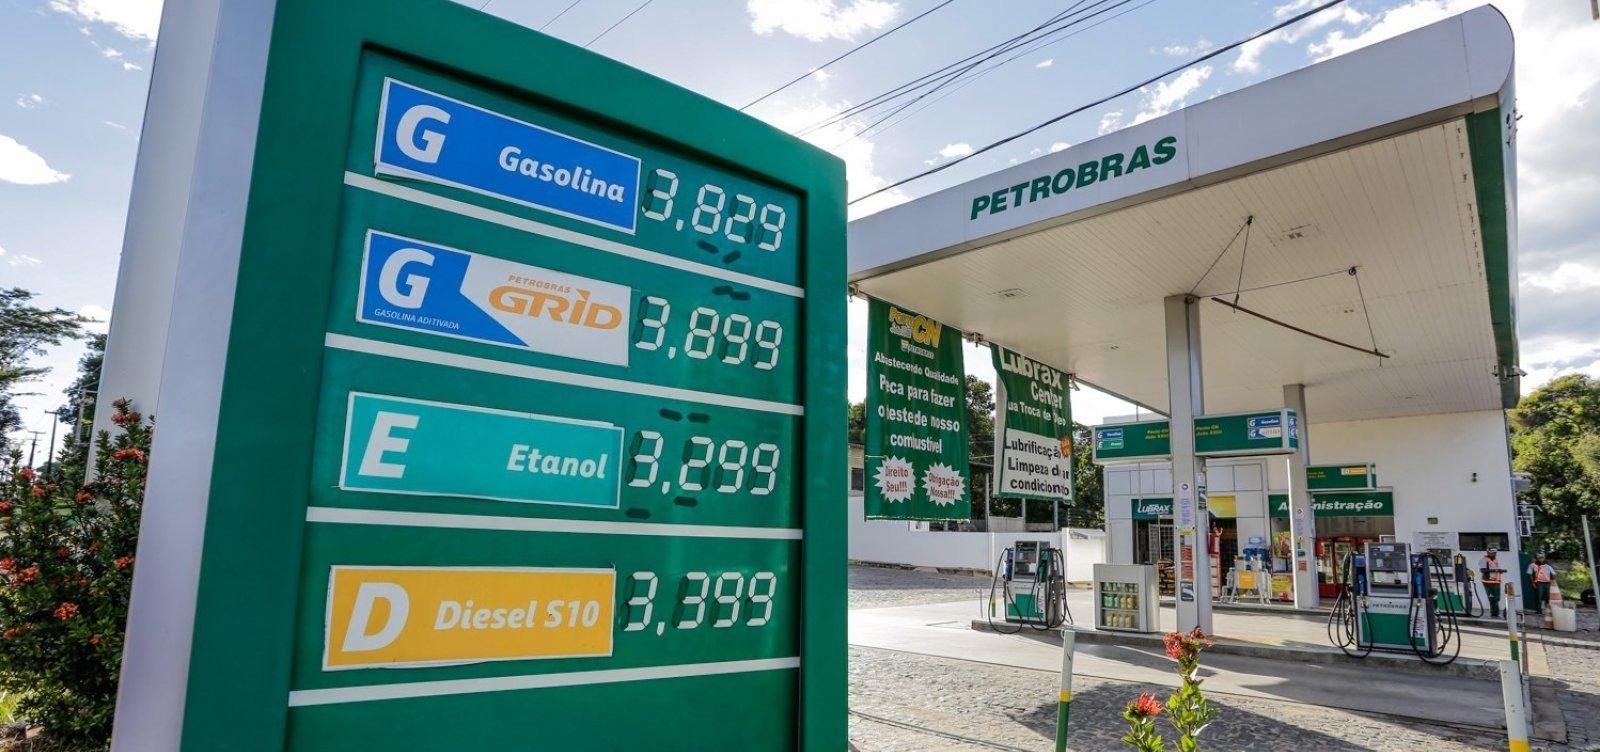 Isenção de impostos prometida por Bolsonaro só dará alívio de R$ 0,34 no preço do diesel